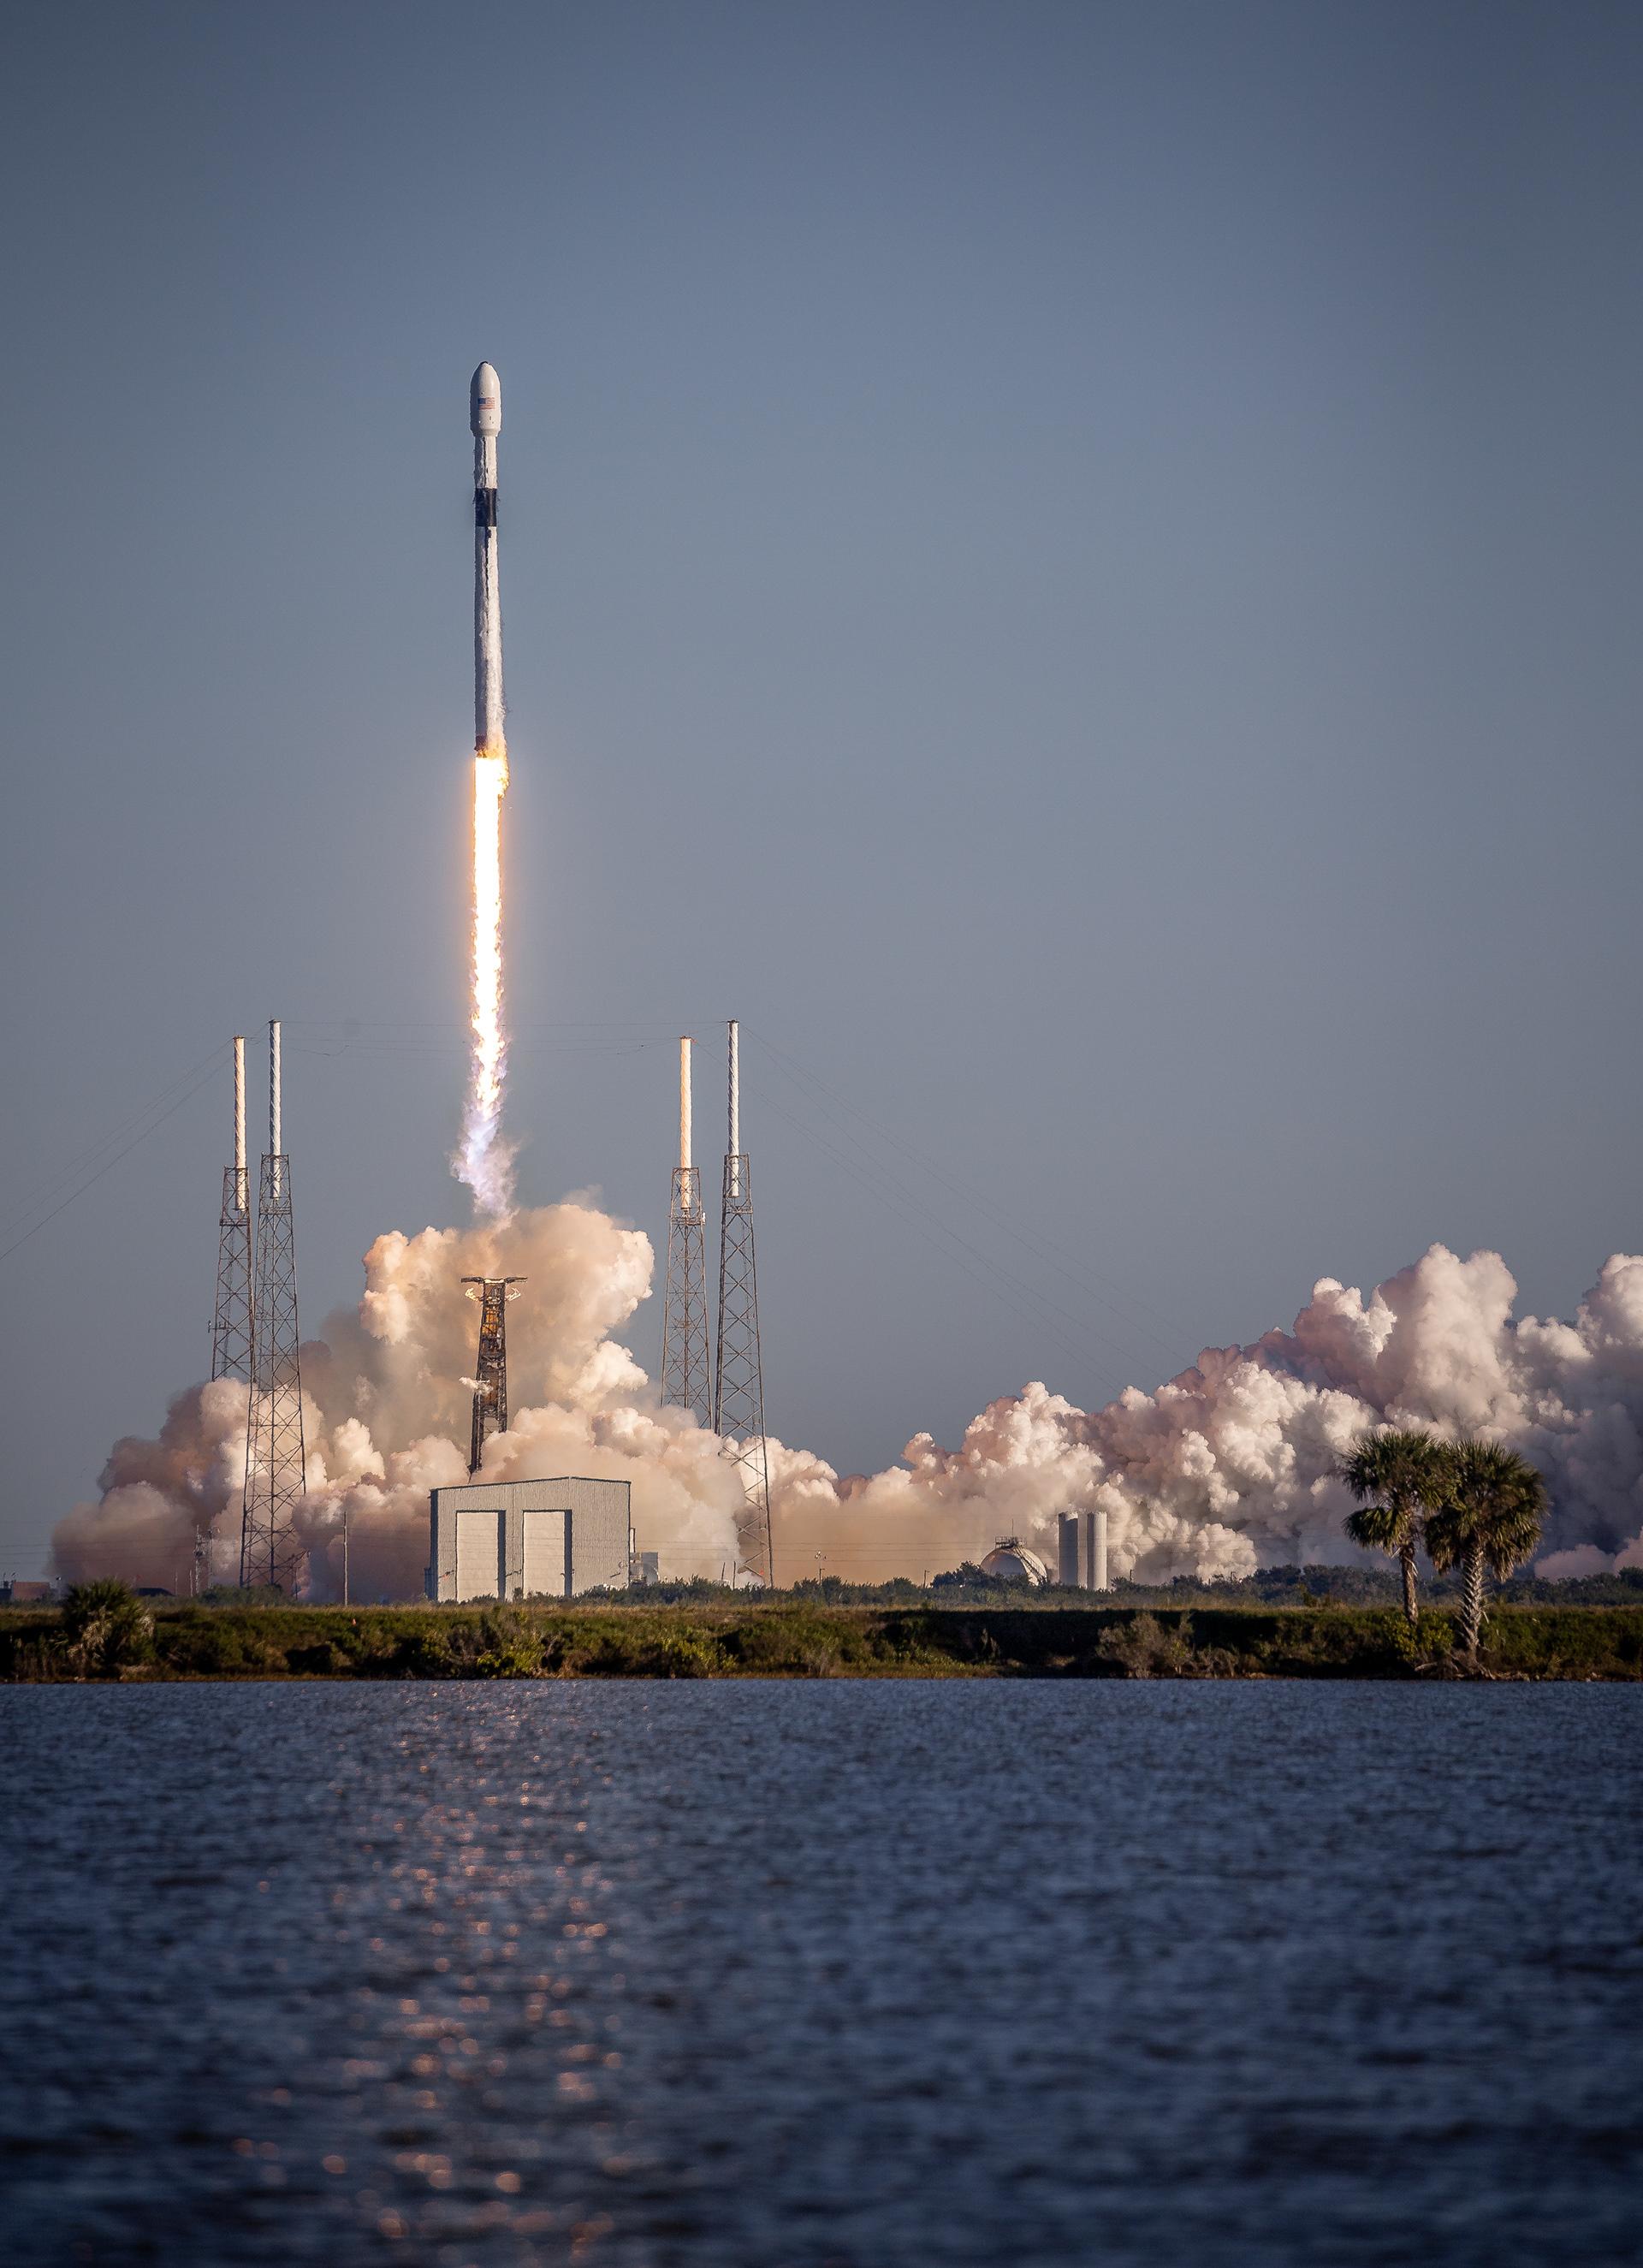 rocket space coast image - HD1920×2650